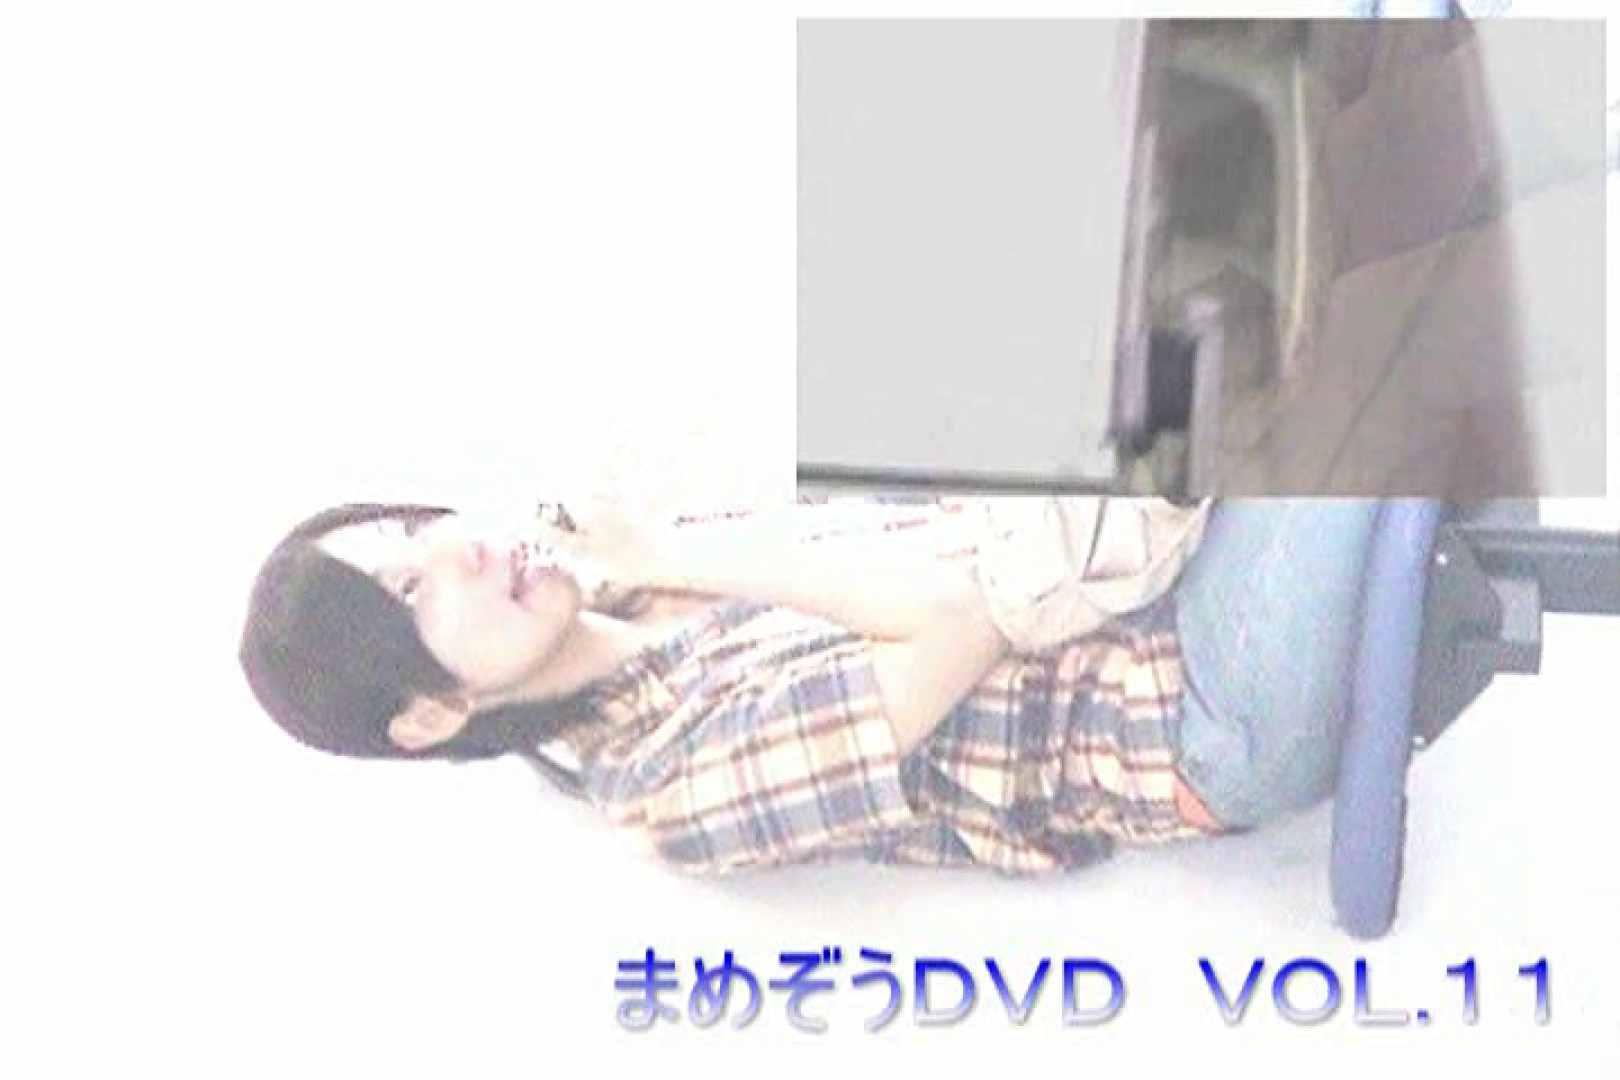 まめぞうDVD完全版VOL.11 いやらしいOL | 0  26連発 10